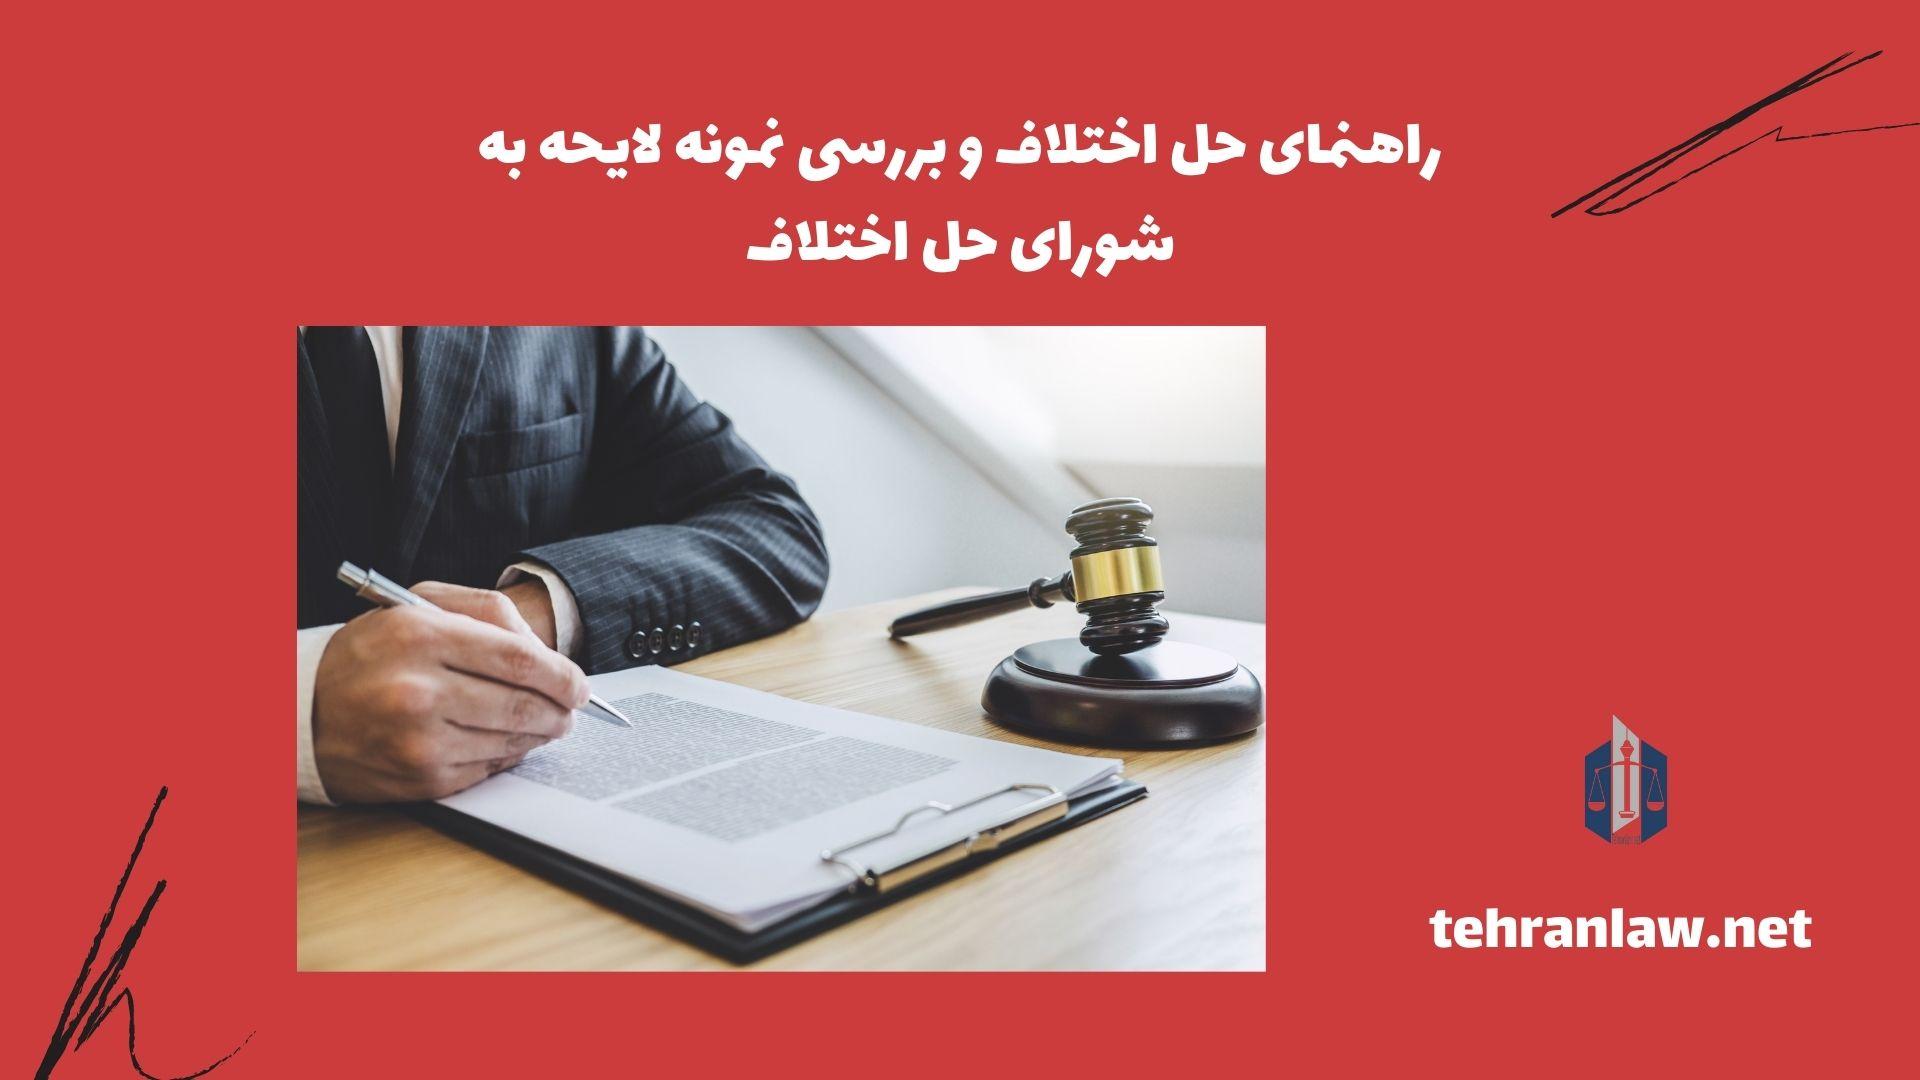 راهنمای حل اختلاف و بررسی نمونه لایحه به شورای حل اختلاف